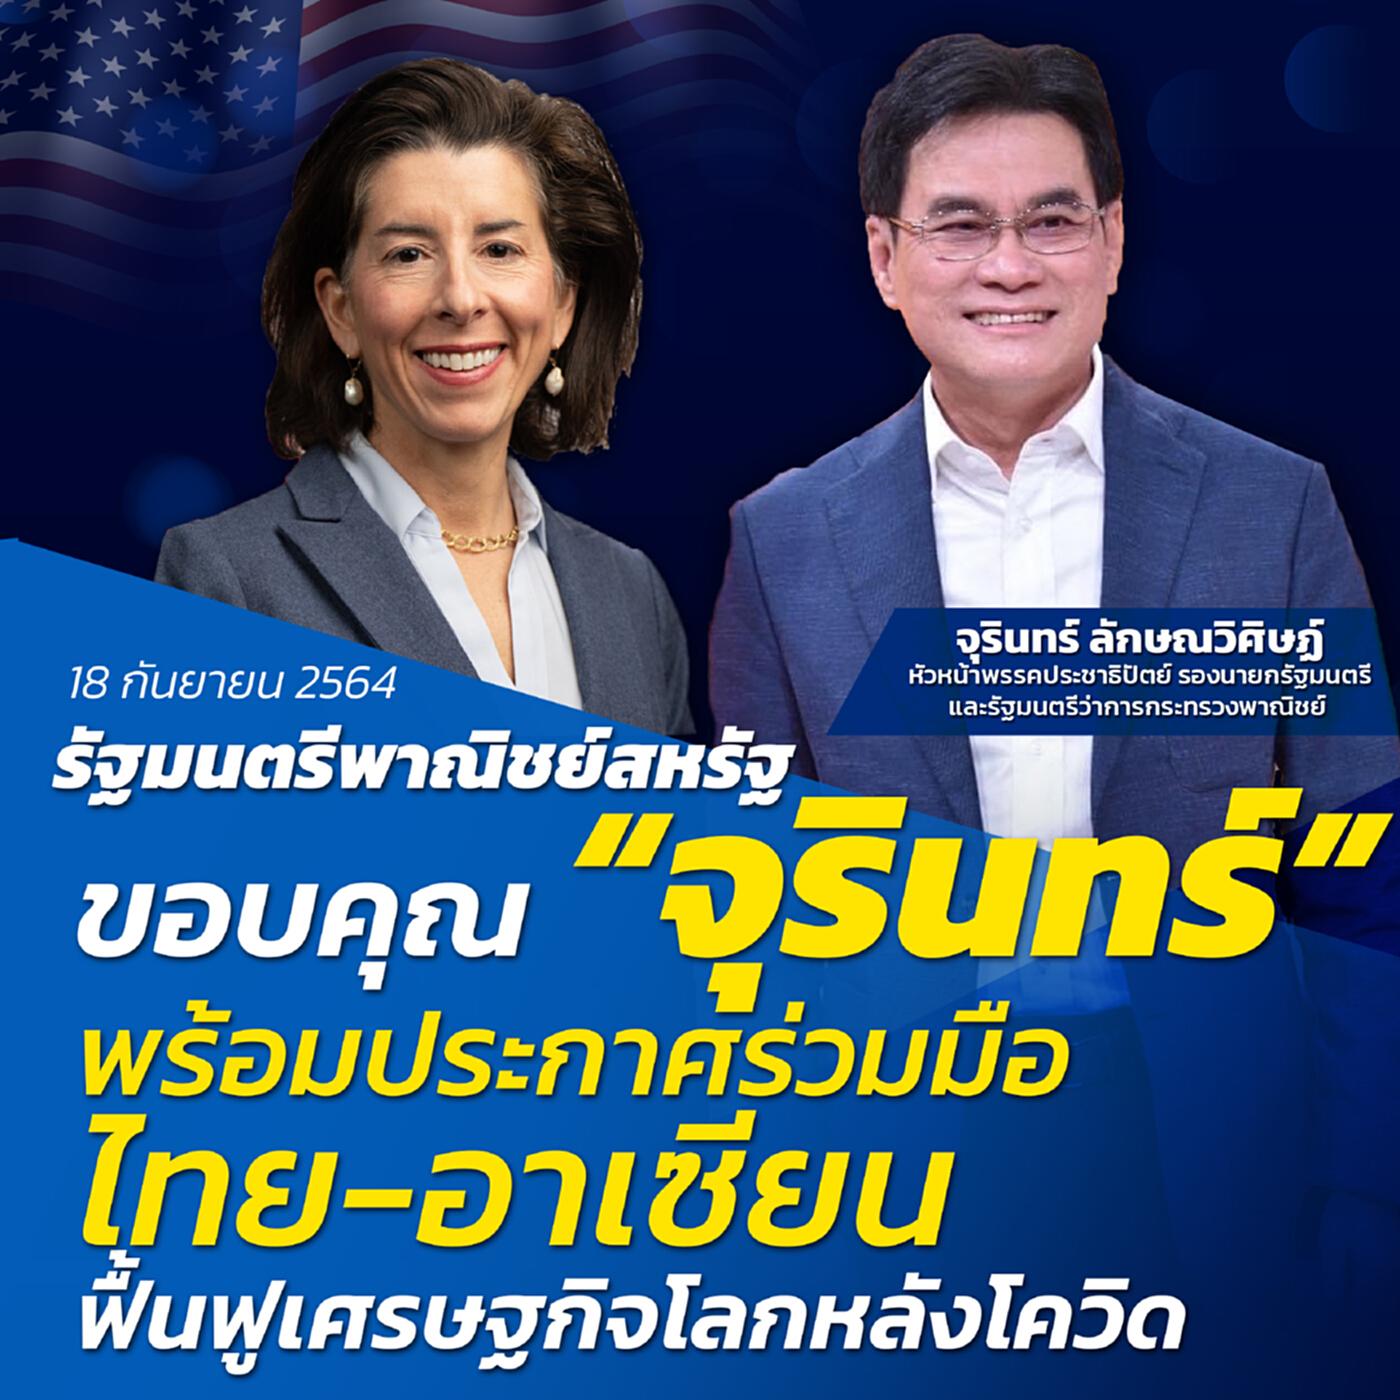 สหรัฐพร้อมร่วมมือไทย-อาเซียน ฟื้นฟูเศรษฐกิจหลังโควิด